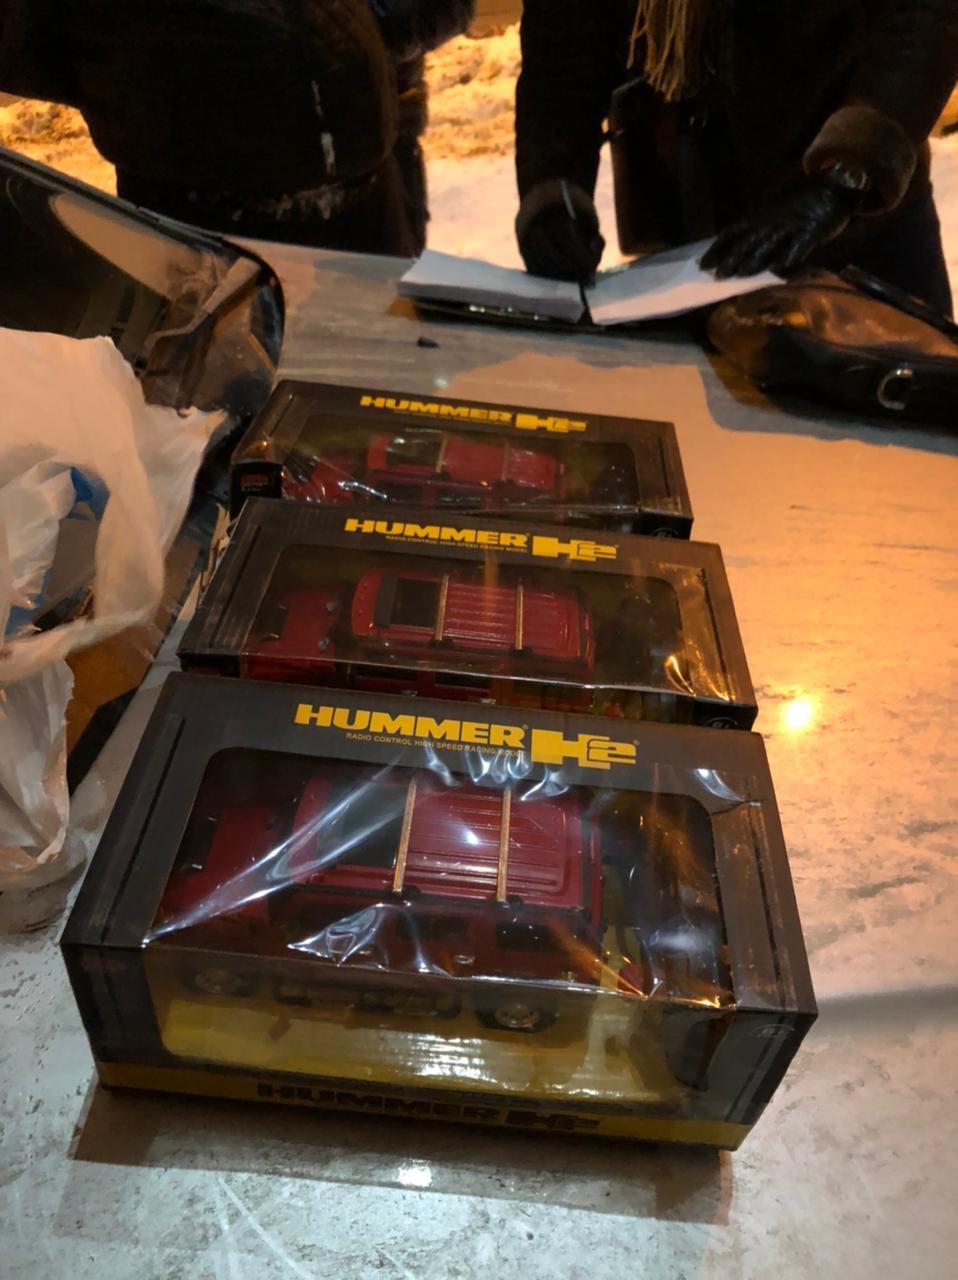 Кокаїн в іграшках: у Києві затримали колишнього правоохоронця - продаж наркотичних засобів, наркотики - 151801498 4232215440123119 3222395844260703955 o